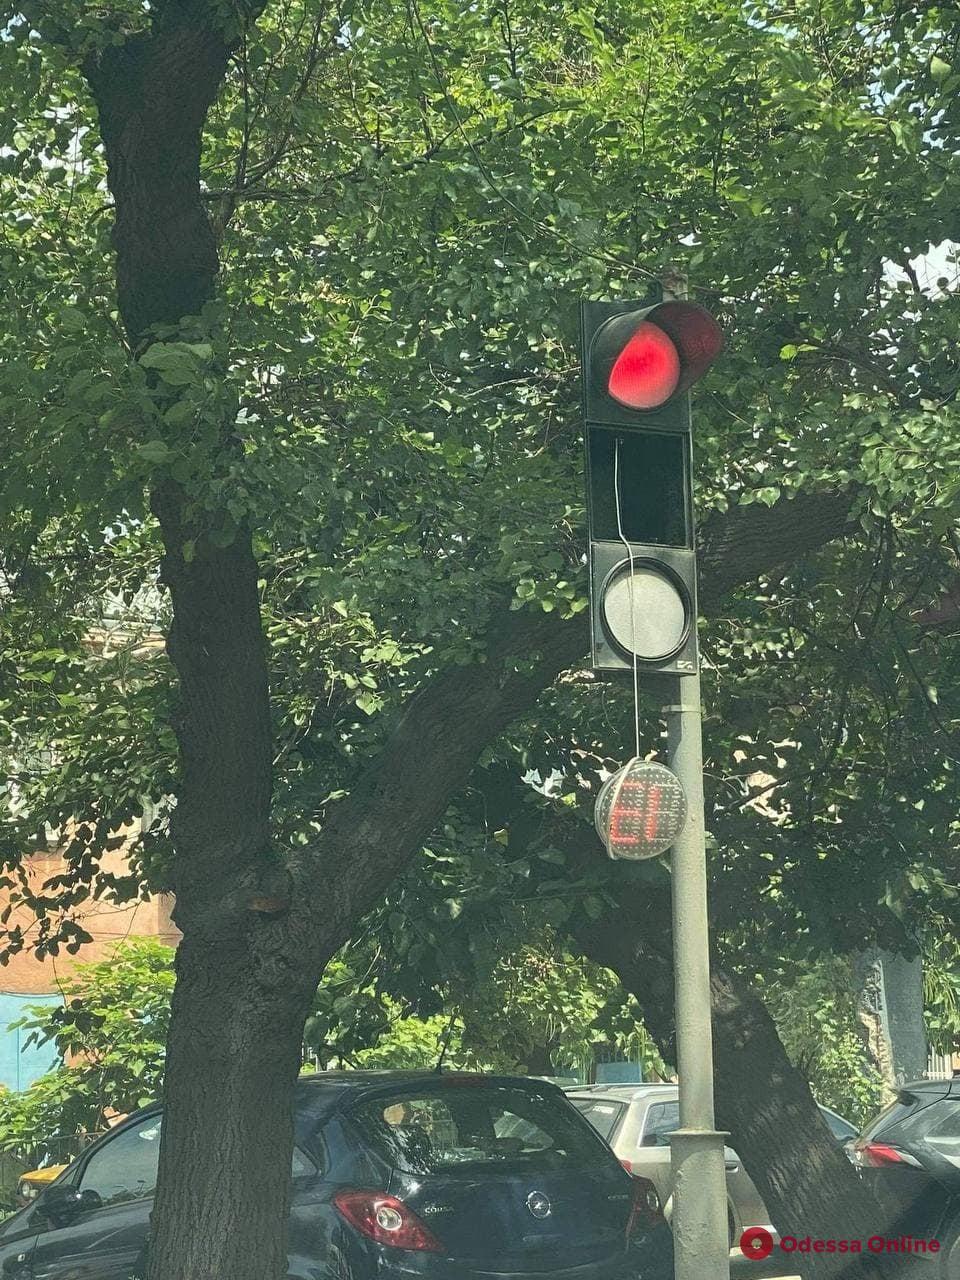 Одесситов просят помочь в поиске вандалов, которые ломают светофоры